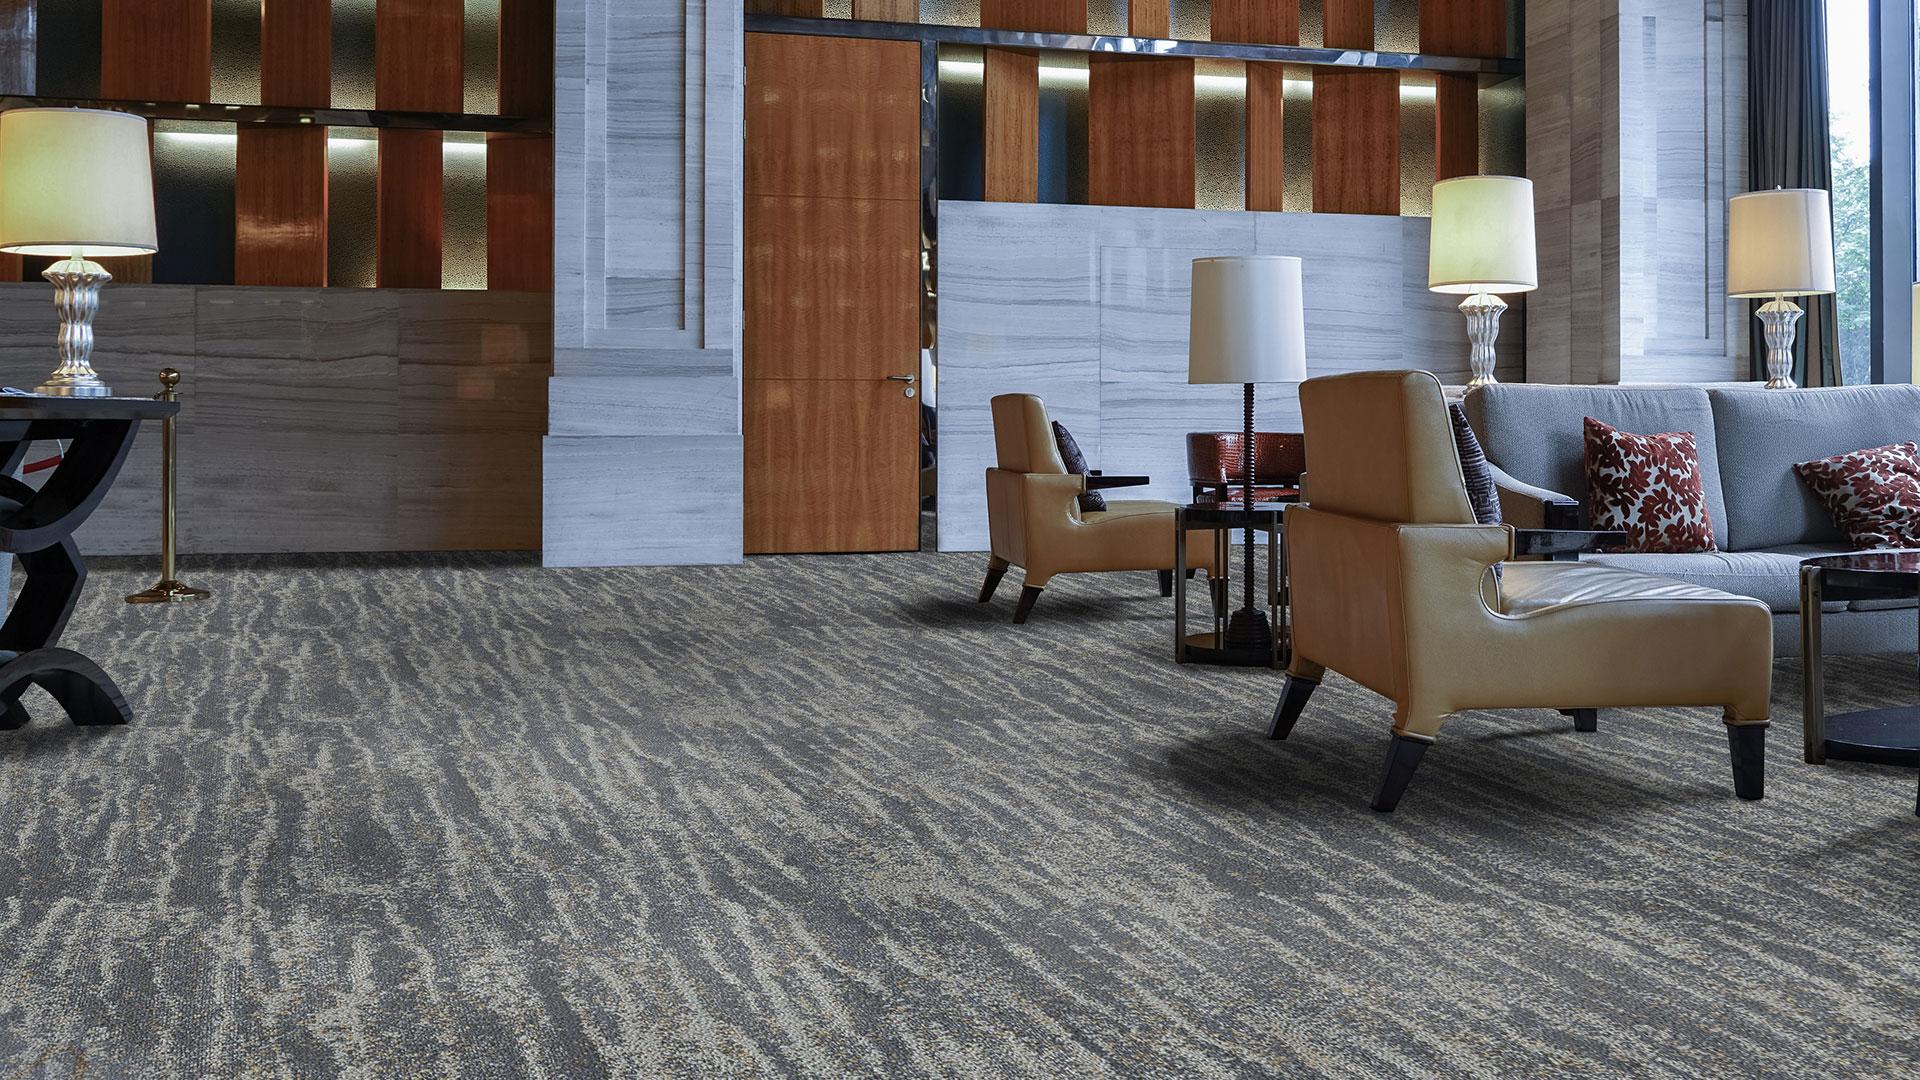 Pavimento In Pvc Effetto Legno pavimenti lvt swing floor - effetti realistici legno, pietra